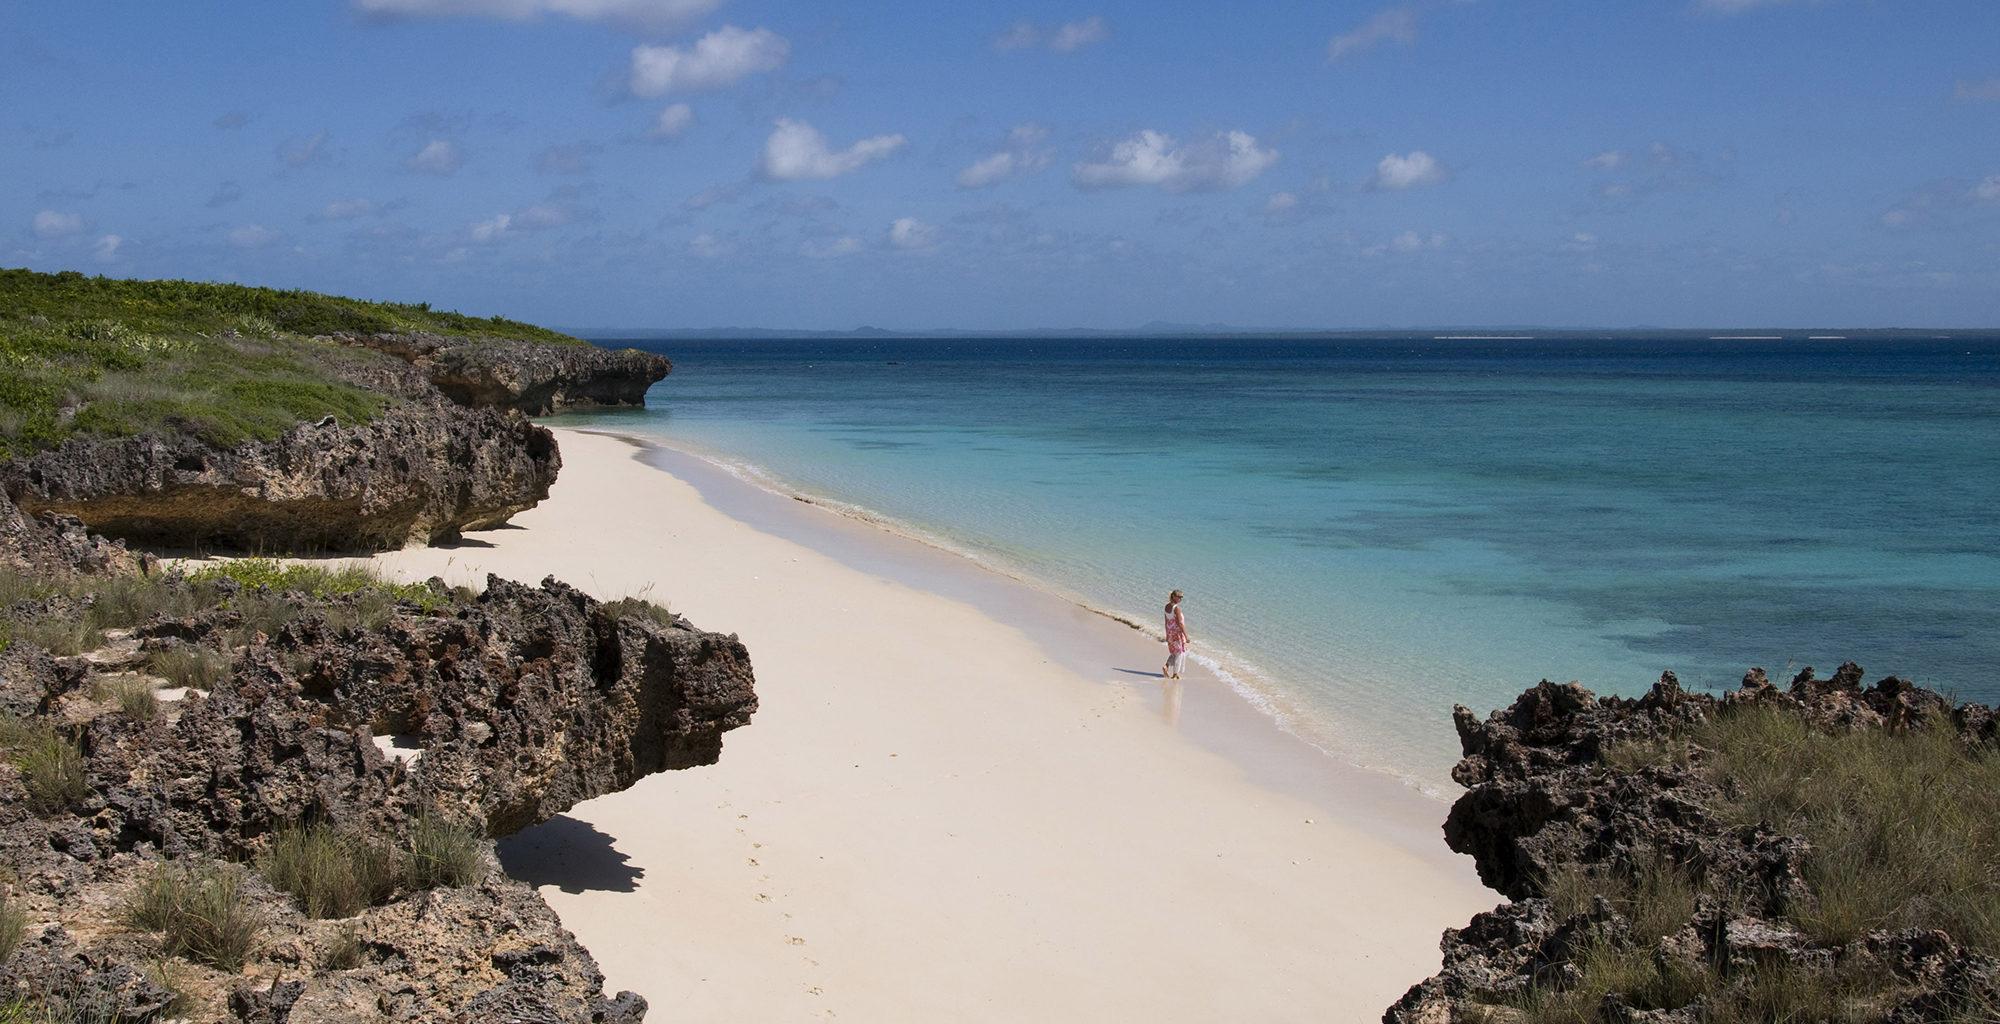 Illha-de-Mozambique-Nampula-Beach